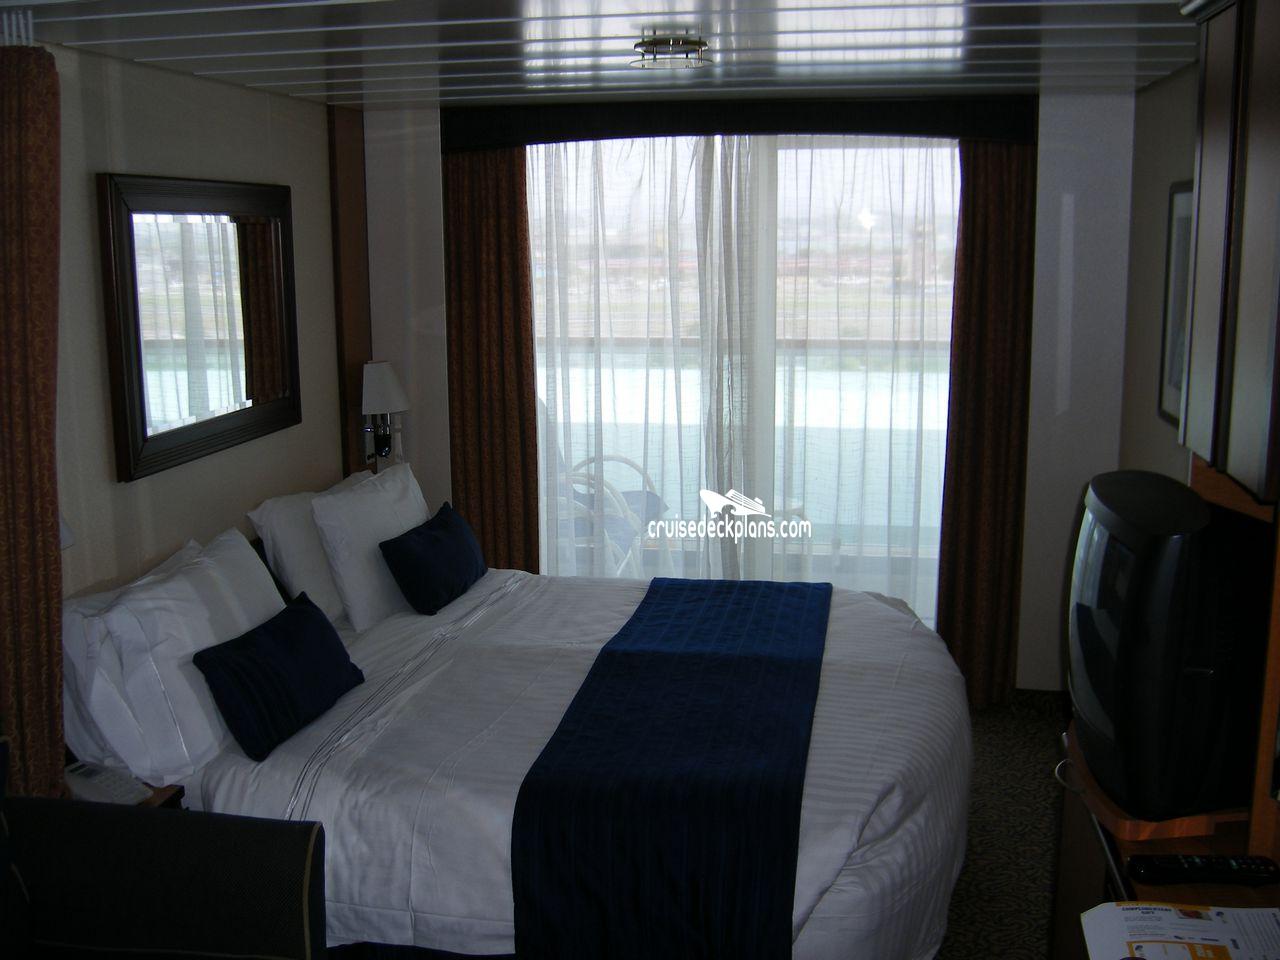 joe irwin serenade of the seas cabin photos